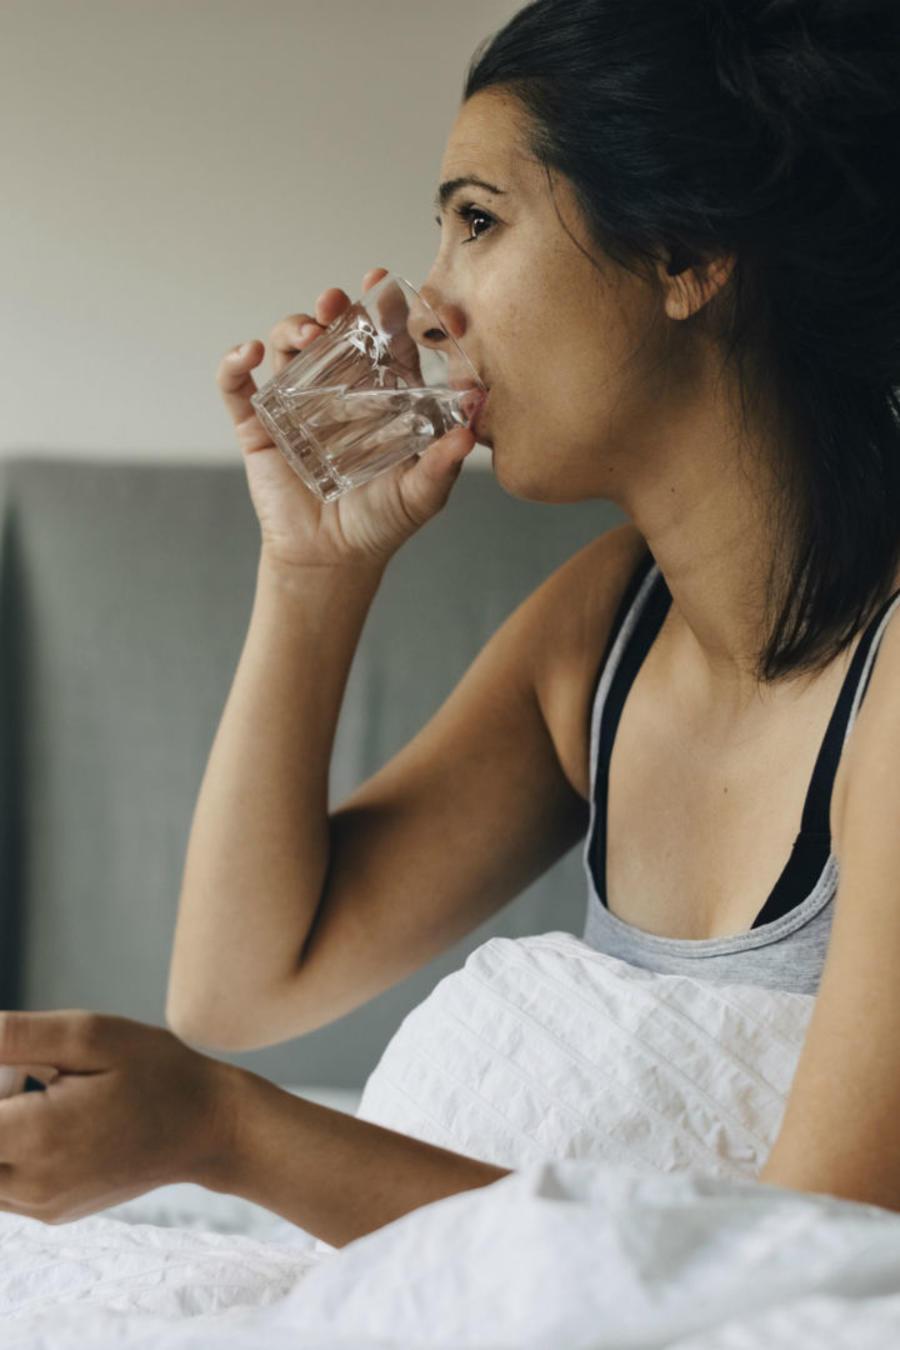 Mujer tomando medicamento contra el VIH